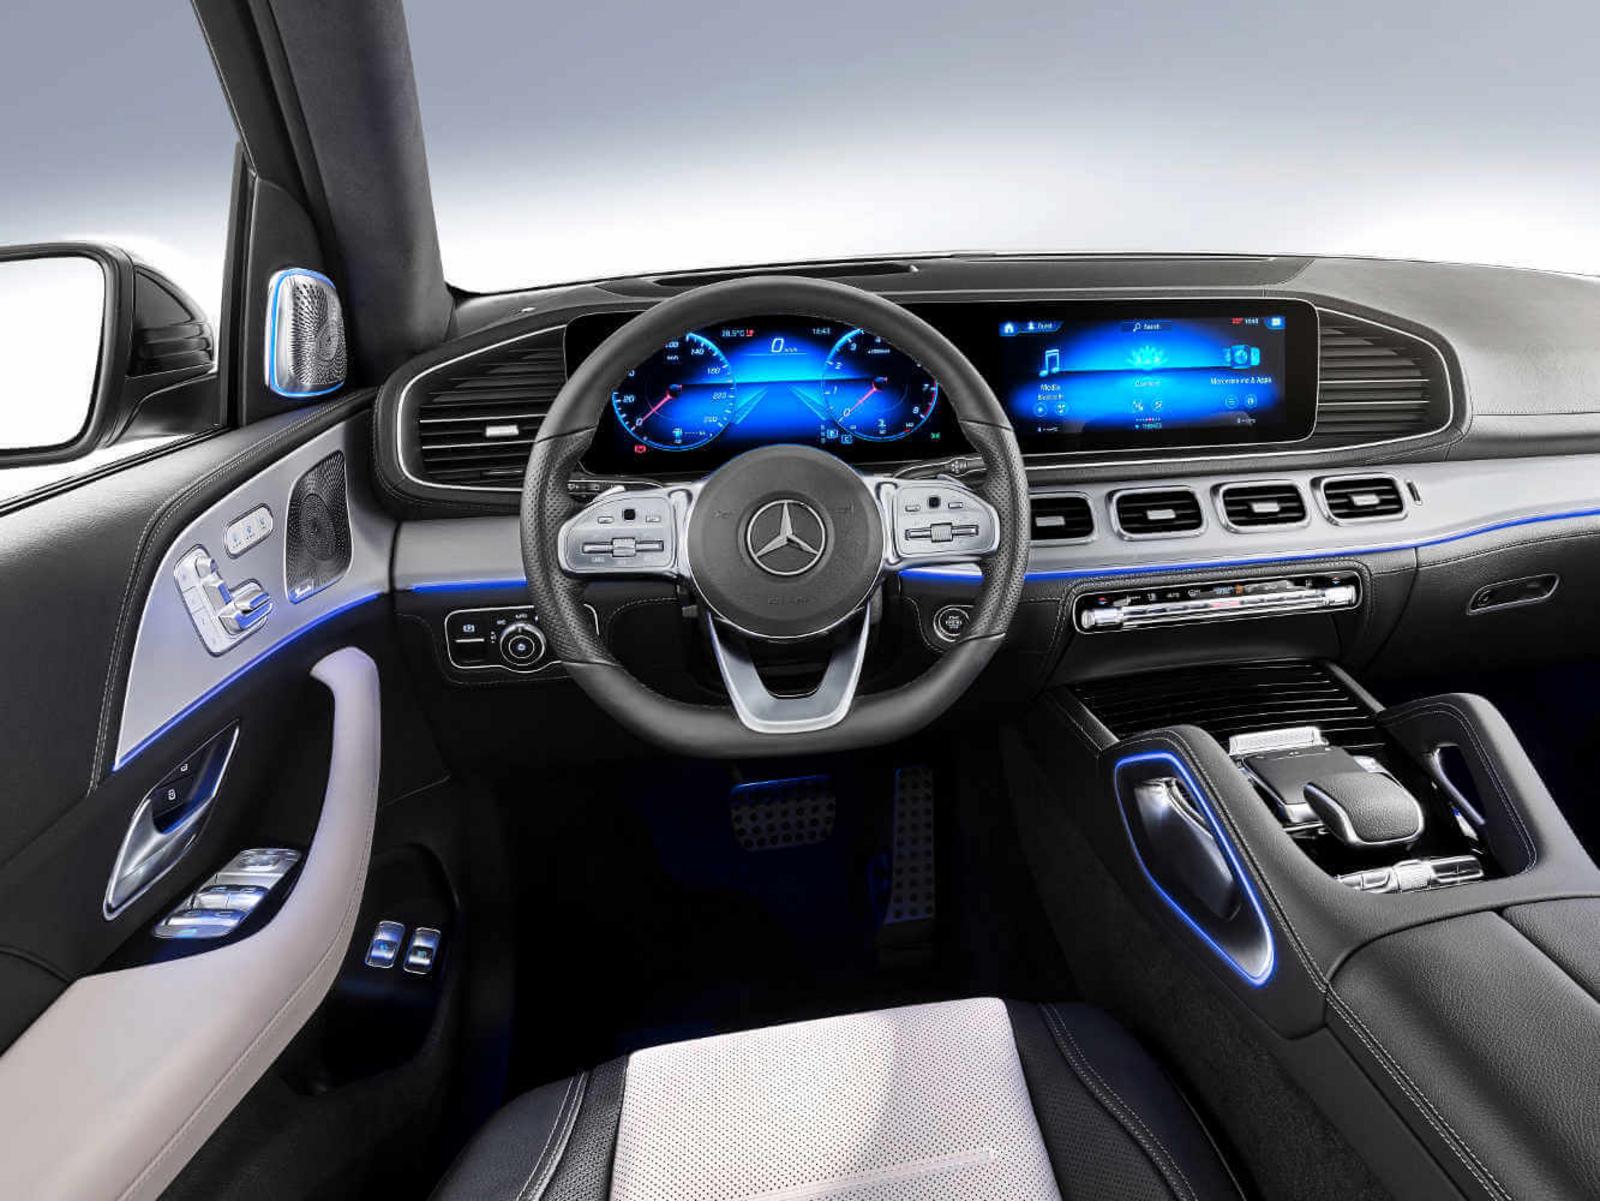 der neue mercedes-benz gle 2019 - autohaus rkg bonn | rkg